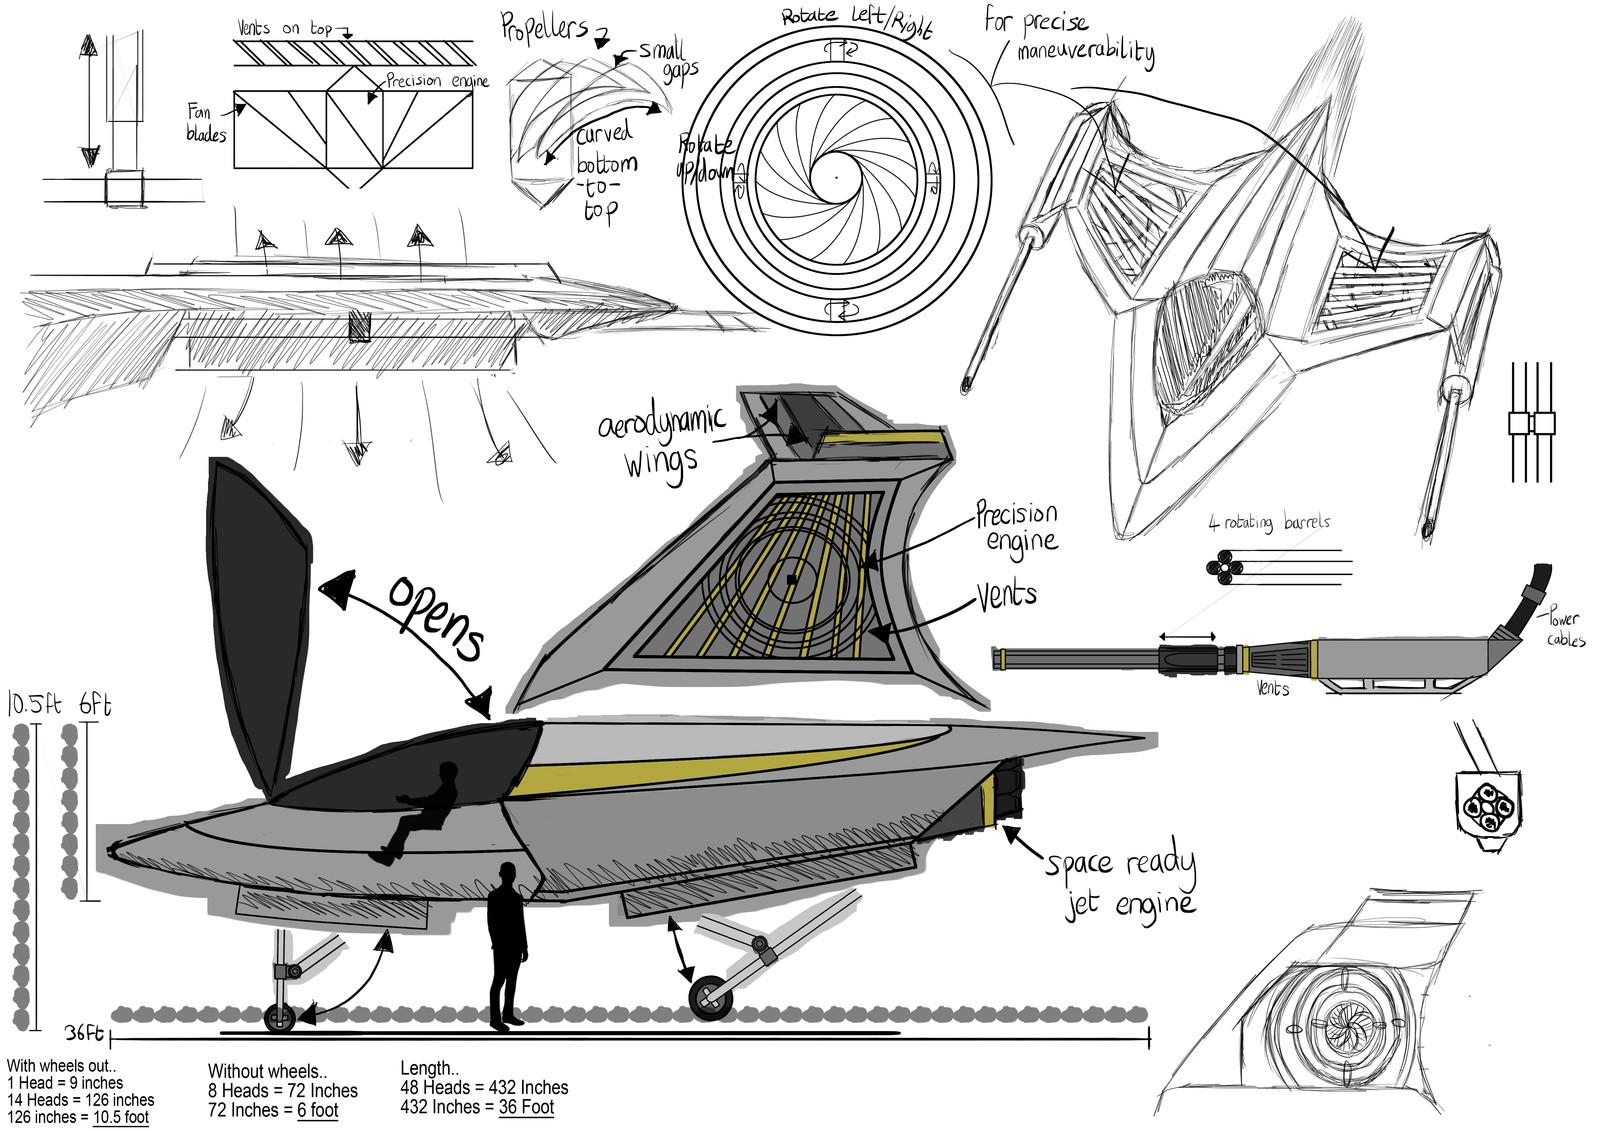 Fighter Jet Sketch